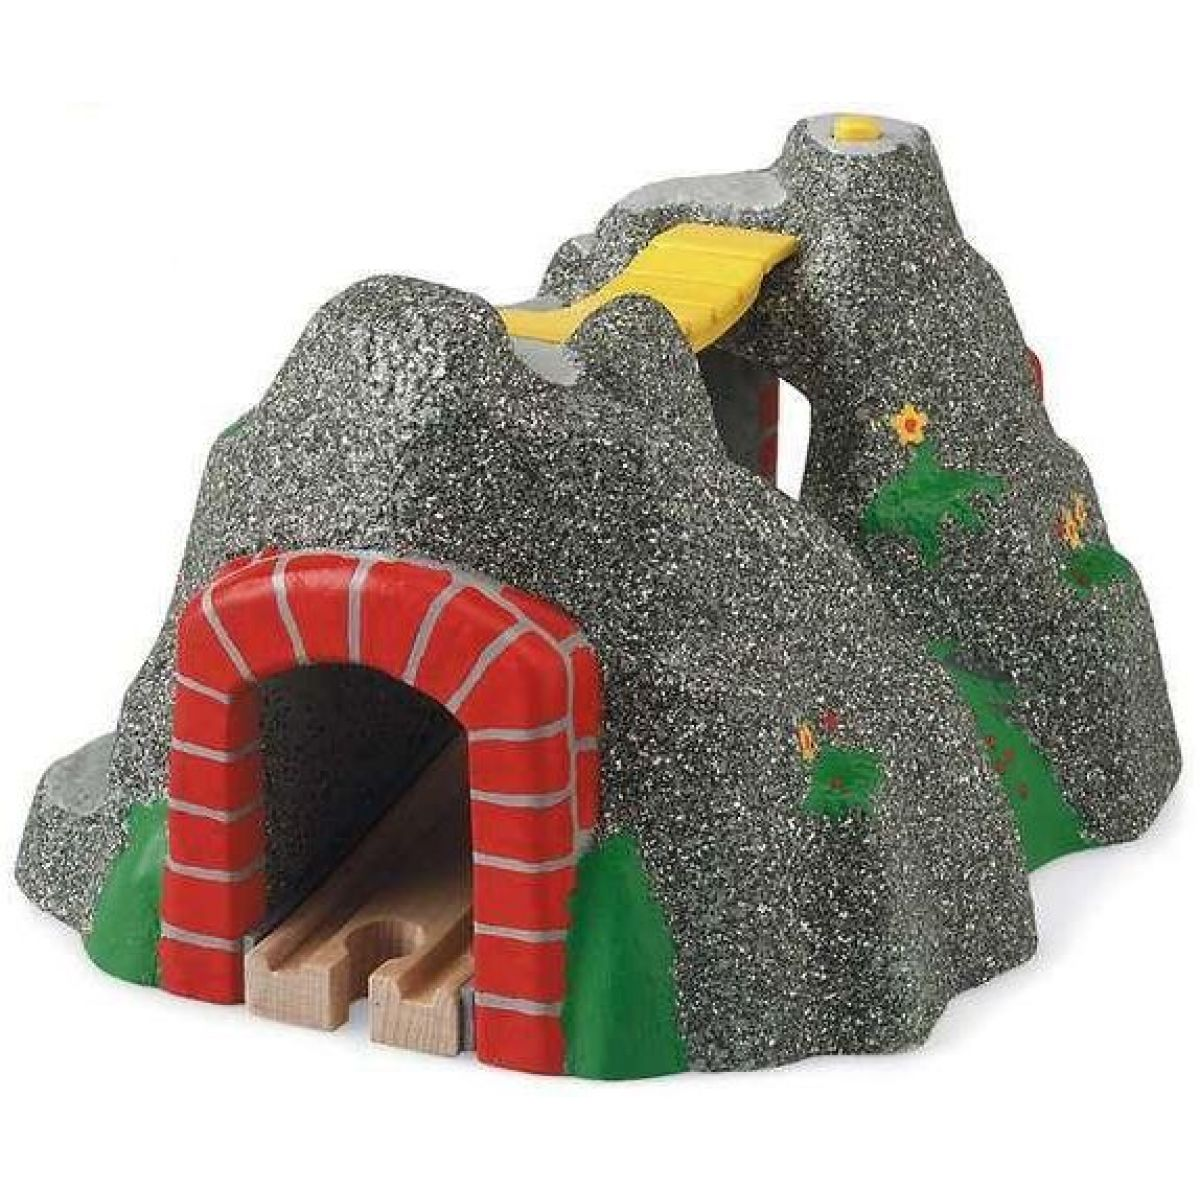 Brio 33481 - Kamenný tunel se zvukovým systémem